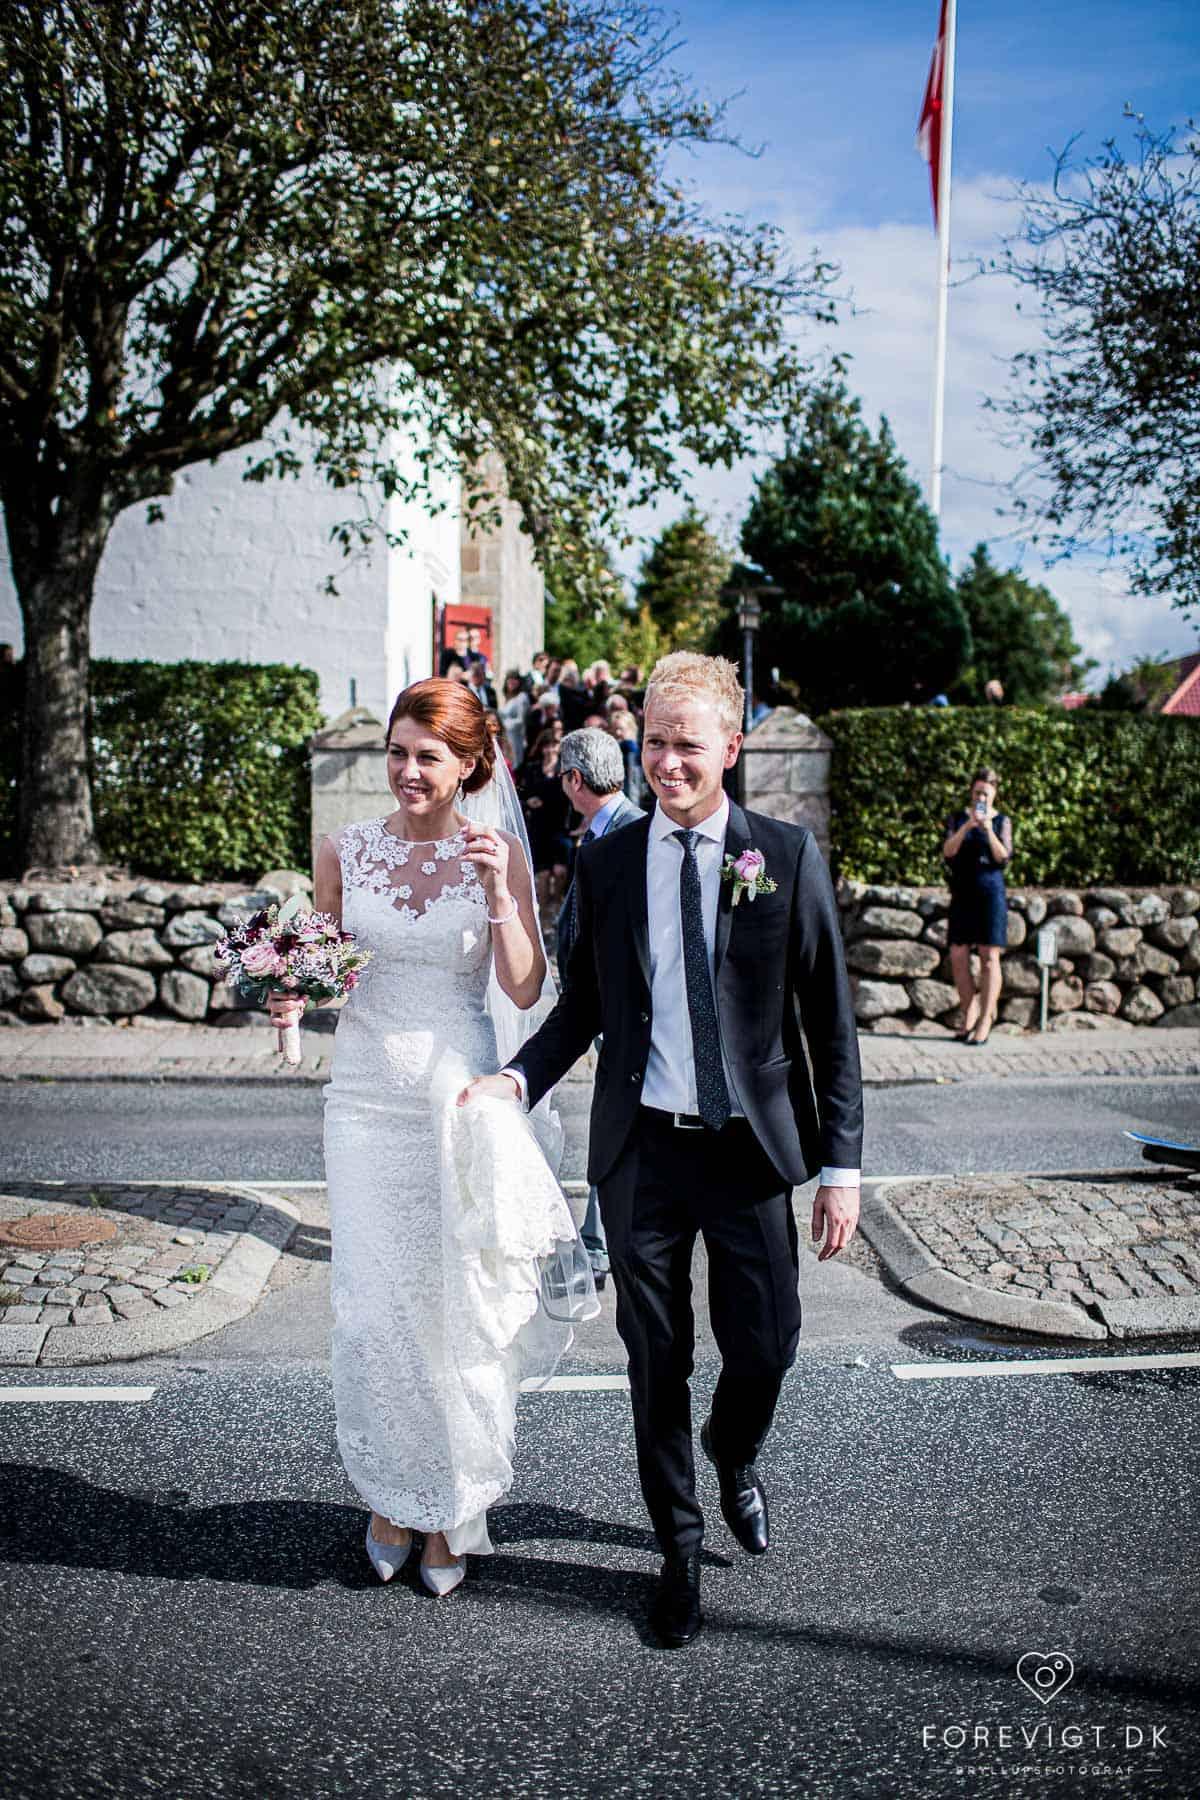 Bryllupsfotograf Ebeltoft. Bryllupsfotografering.